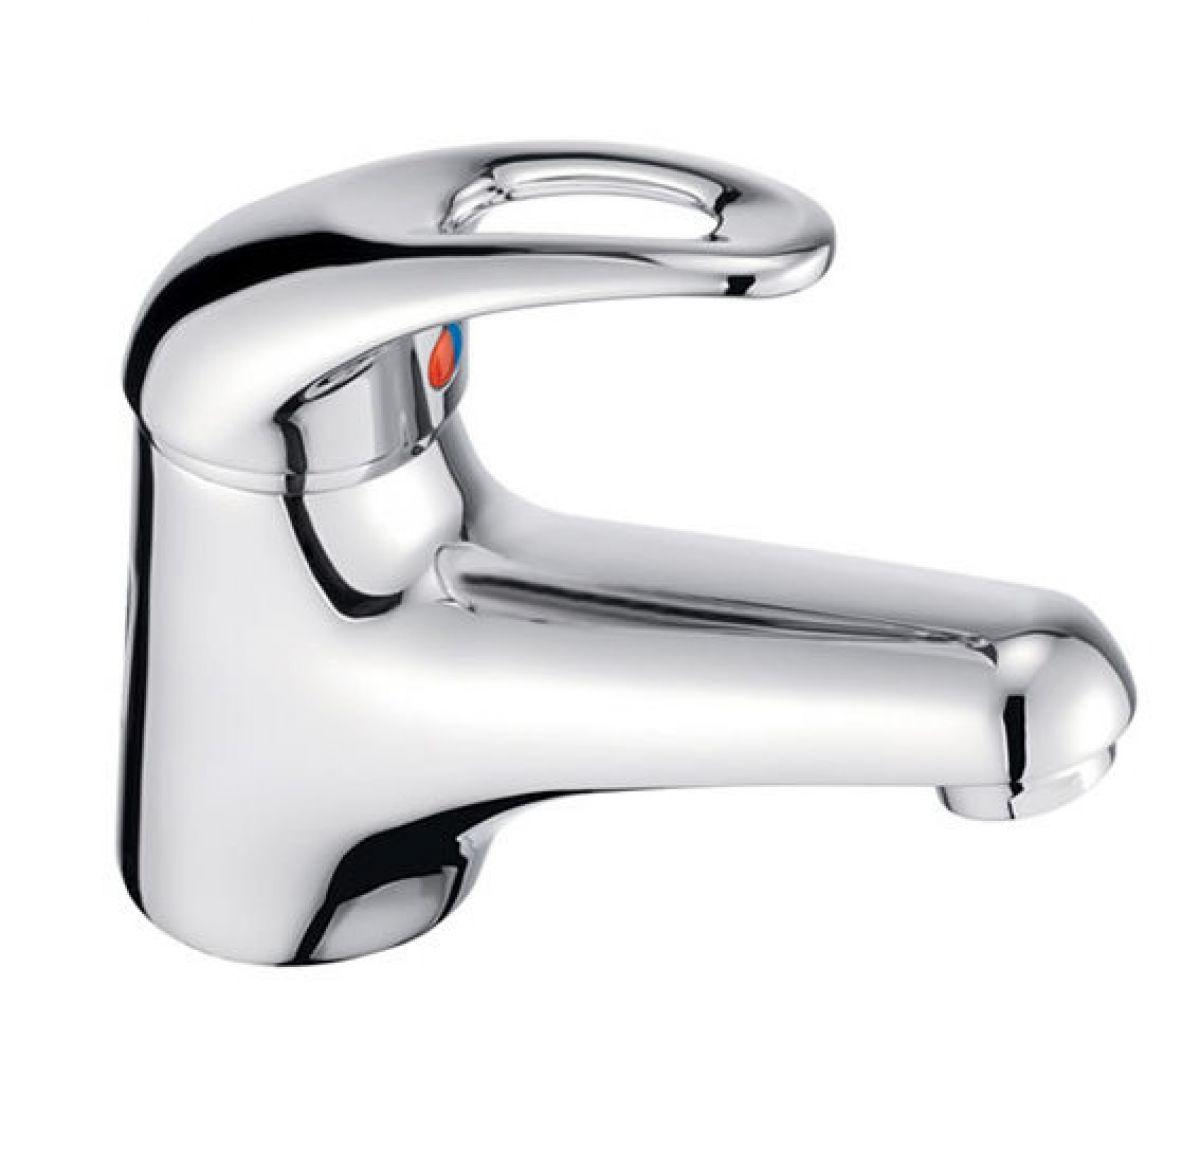 new mixer taps